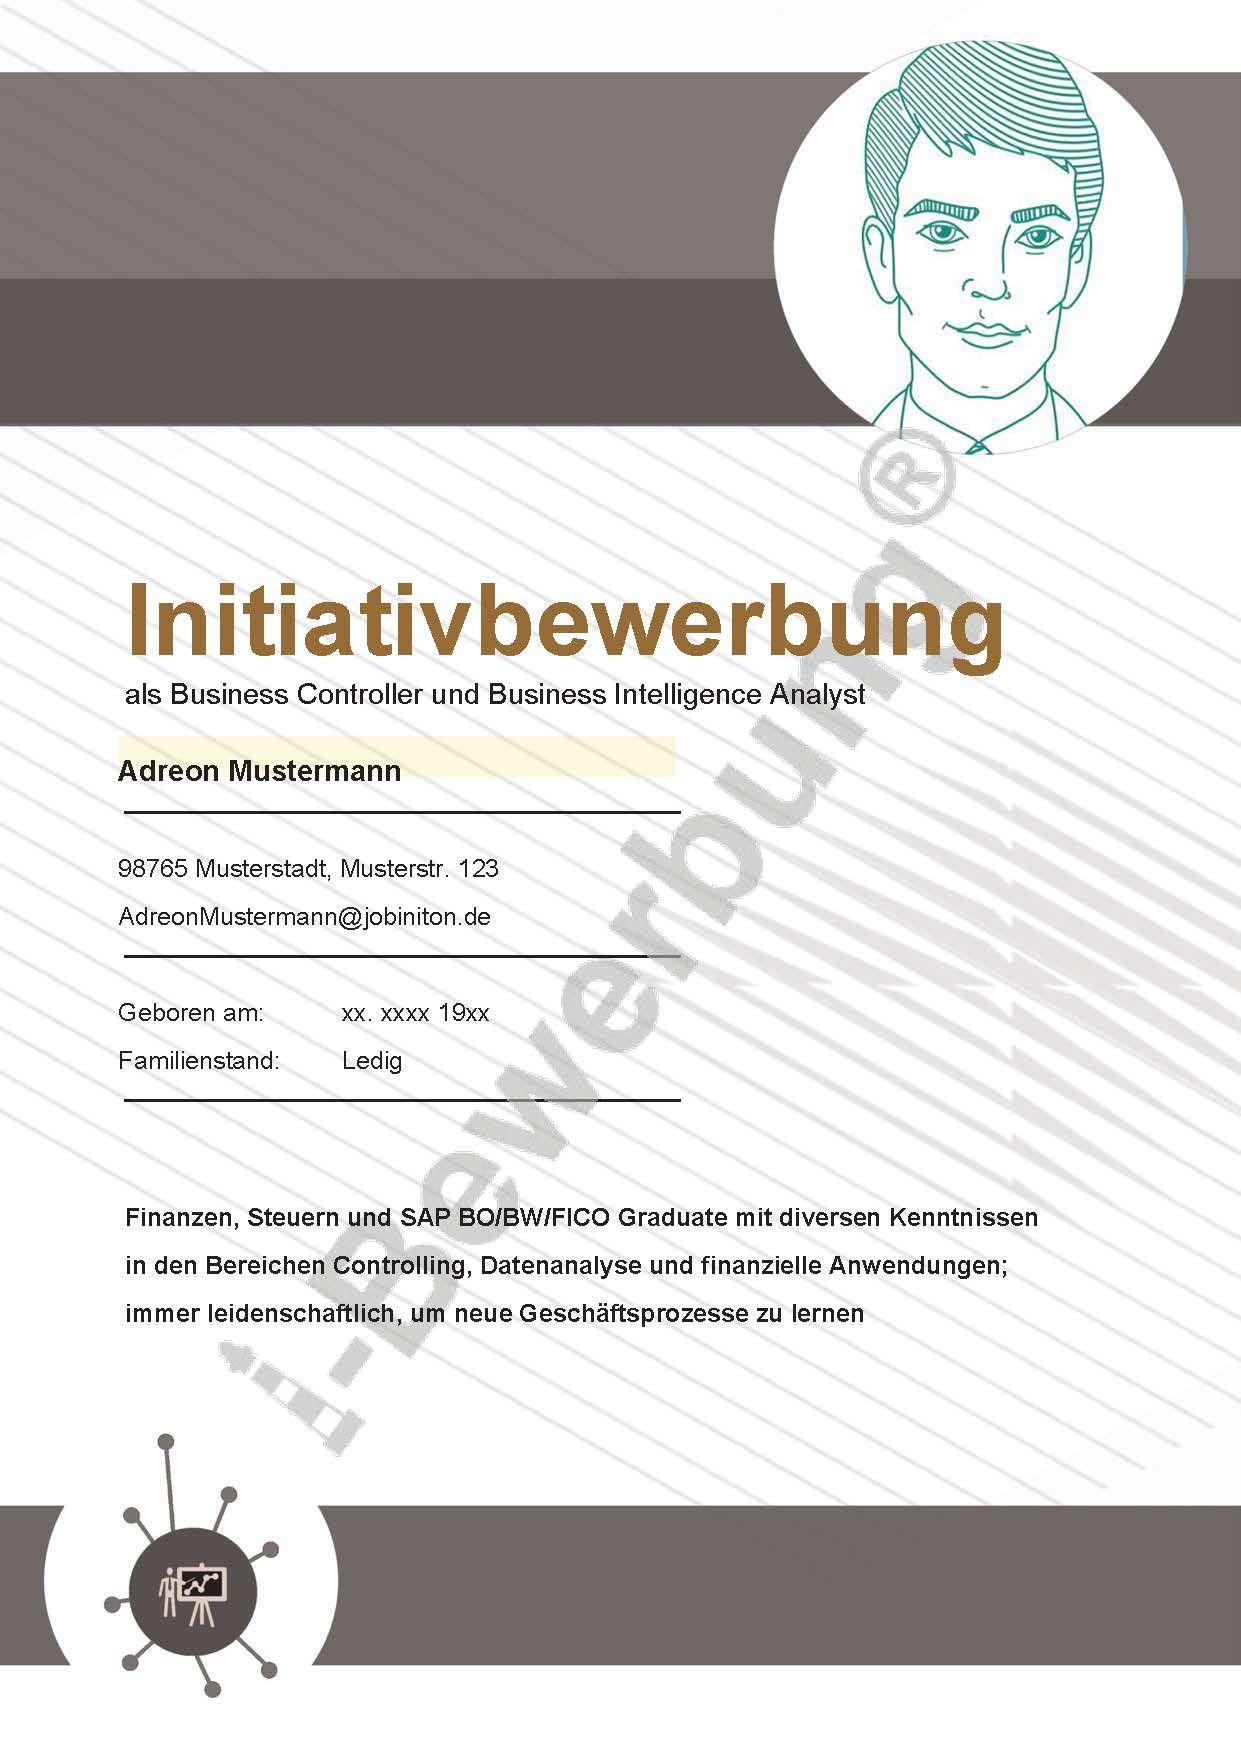 Deckblatt Zur Initiativbewerbung Als Business Controller Adreon 616 Deckblatt Deckblatt Vorlage Bewerbungsunterlagen